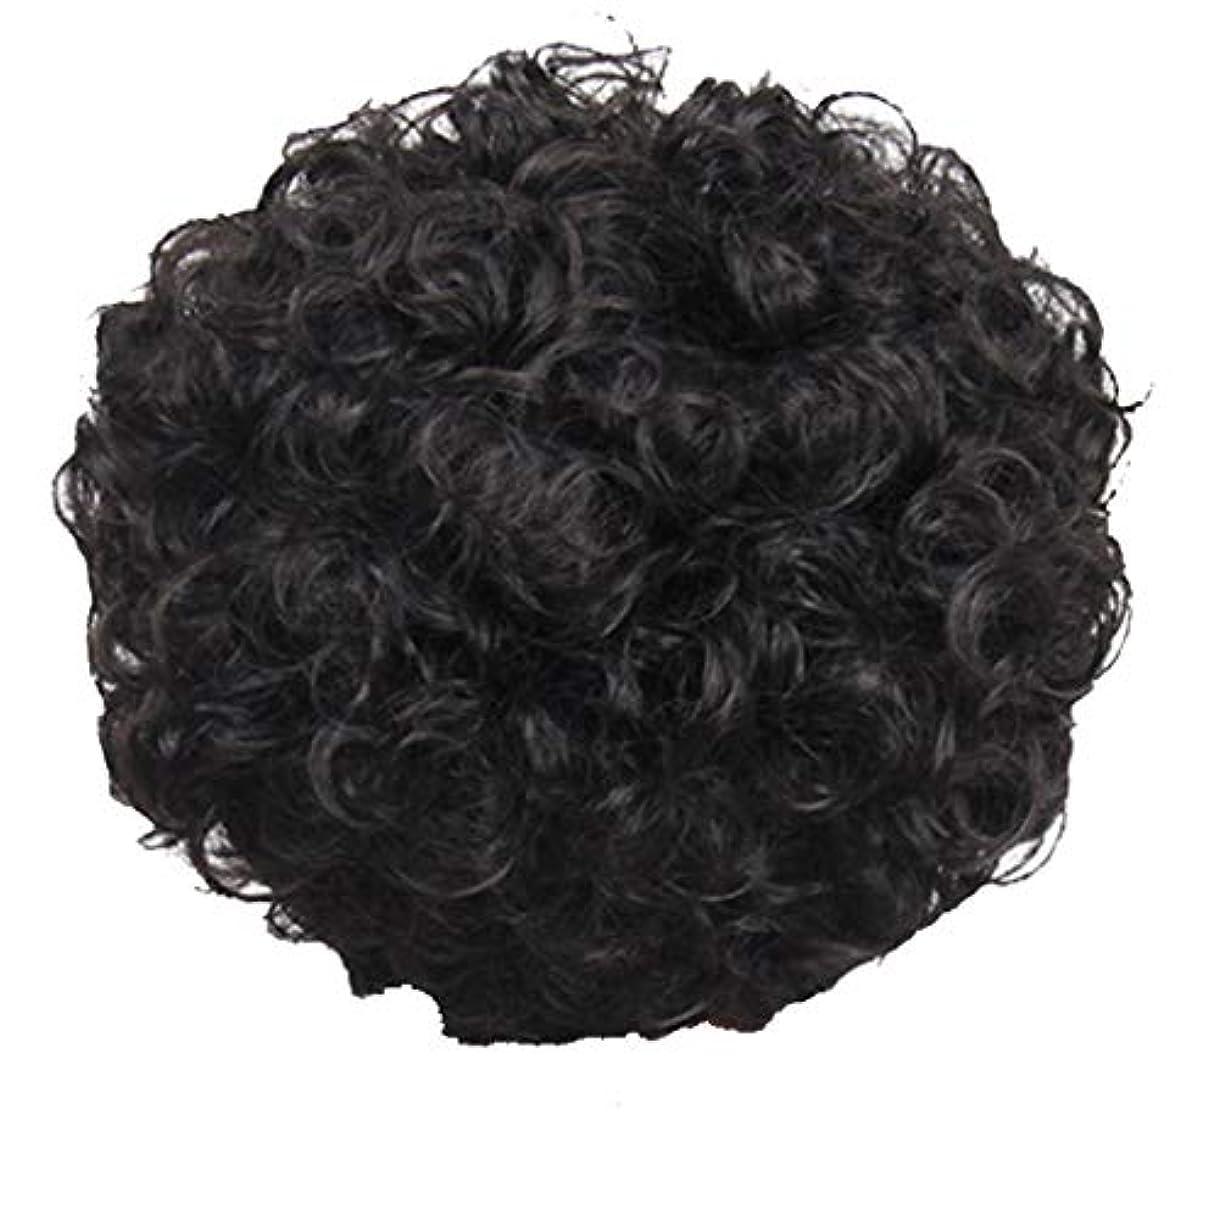 ジャケットアパート傾向があるかつら、女性、短い髪、巻き毛、かつら、エルフカット、かつらキャップ、27cm